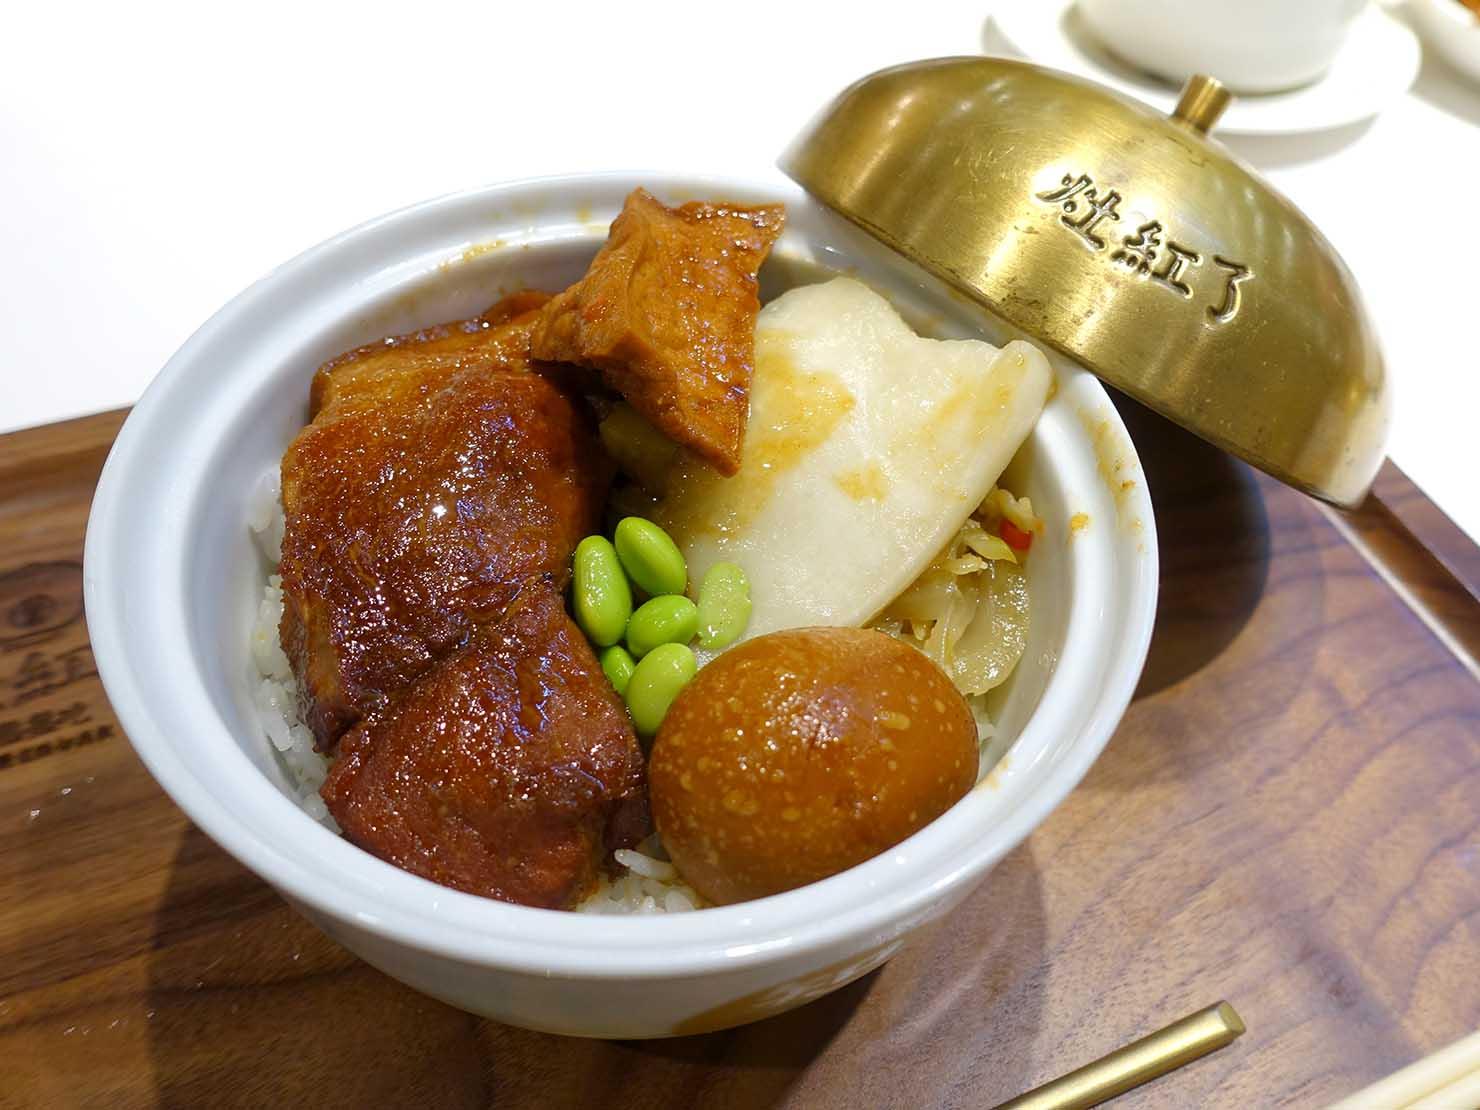 台北・永康街のおすすめグルメ店「灶紅了 D.KA Bun」の玉華知高飯(豚角煮ごはん)